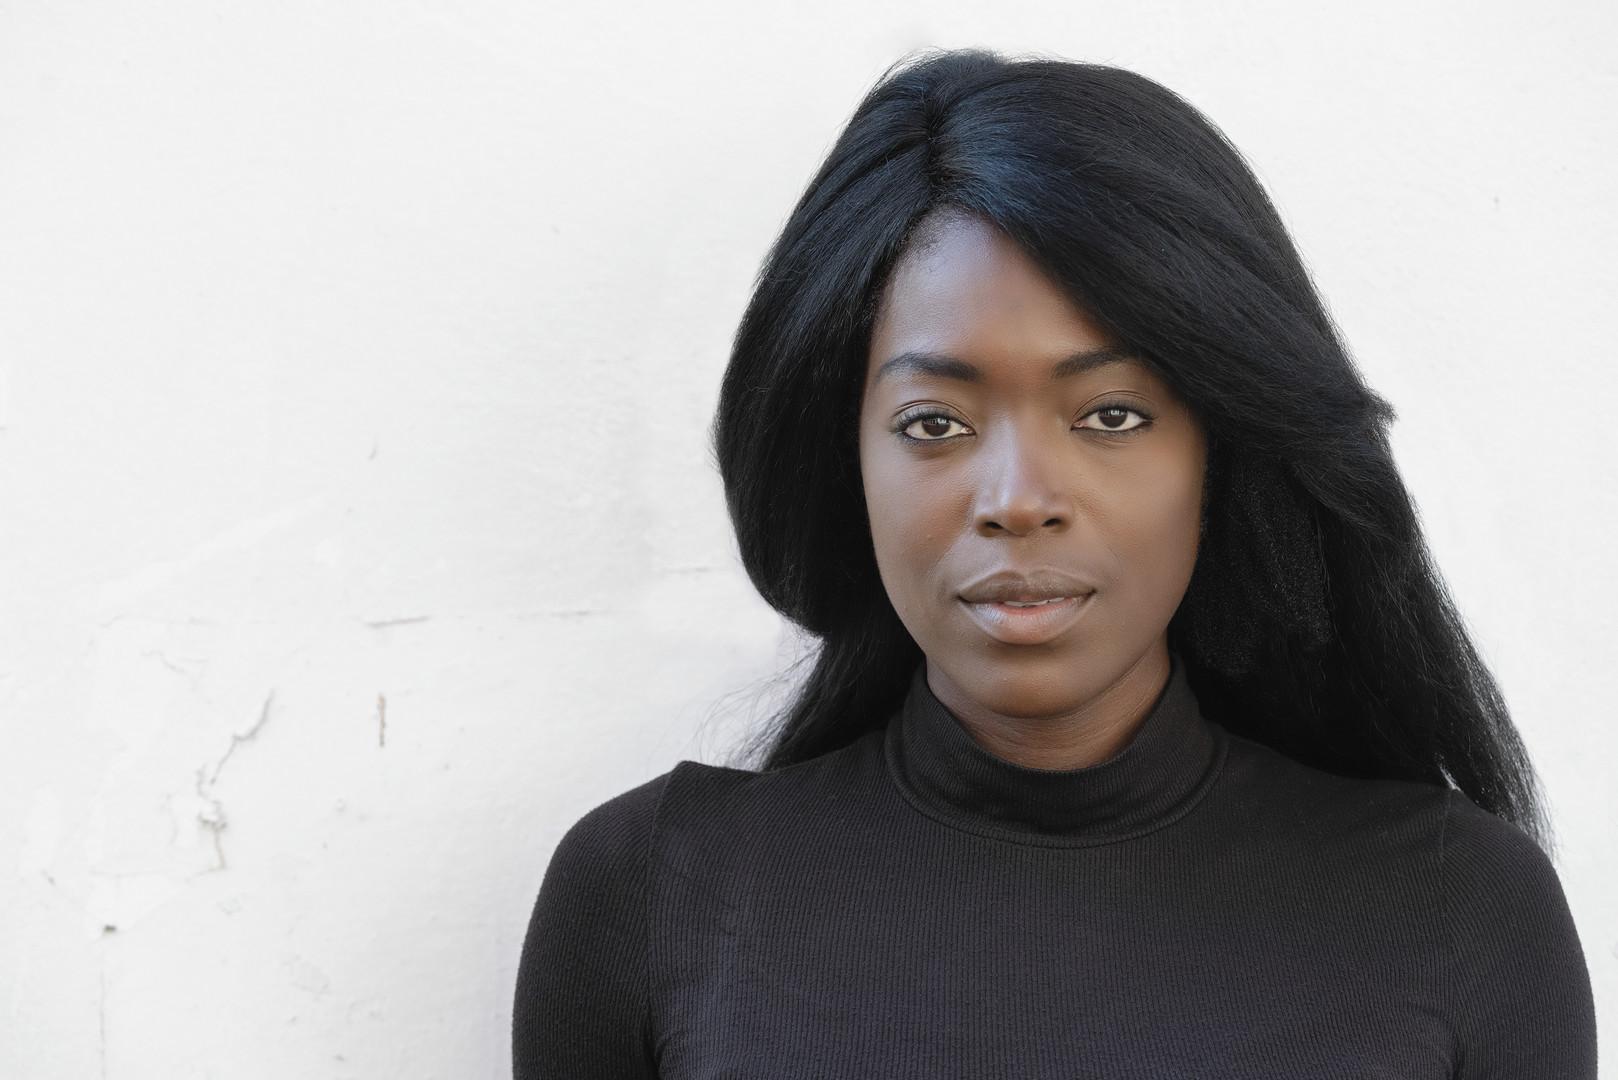 Jade Lewis Nottingham Actor Headshot on white background